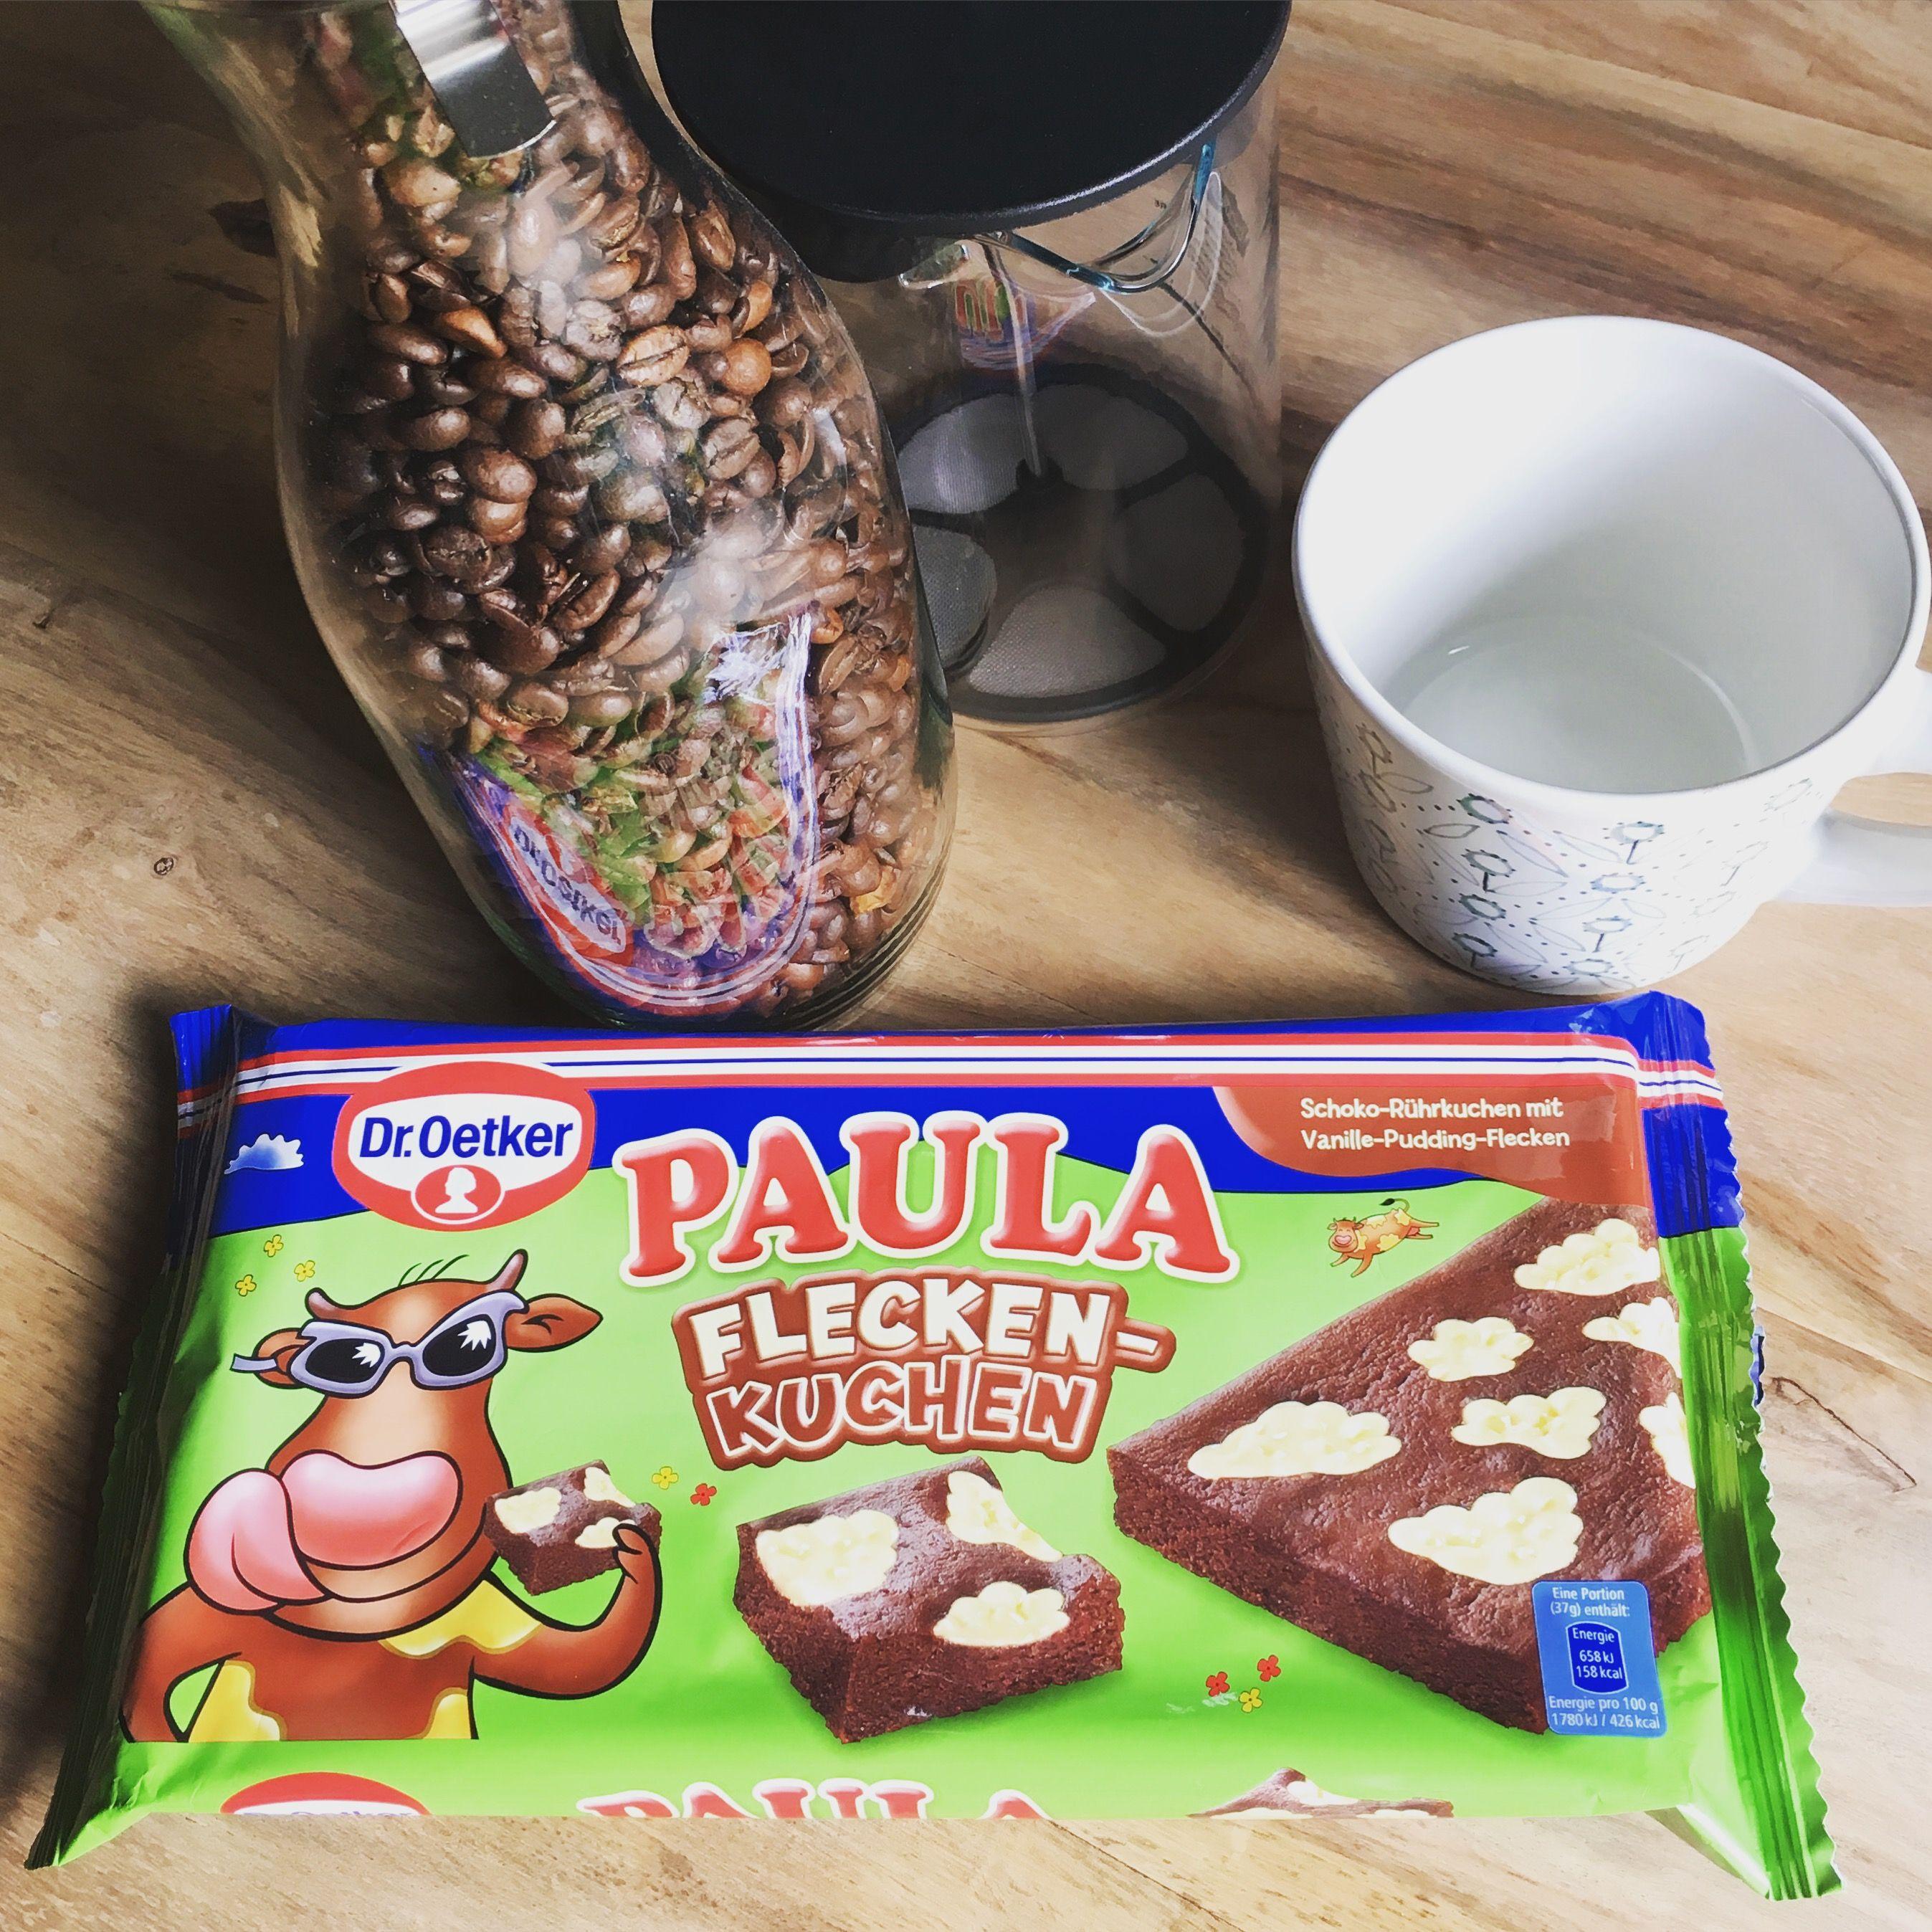 Ist Euer PAULA Fleckenkuchen Testpaket auch schon da empfehlerin droetker paulafleckenkuchen